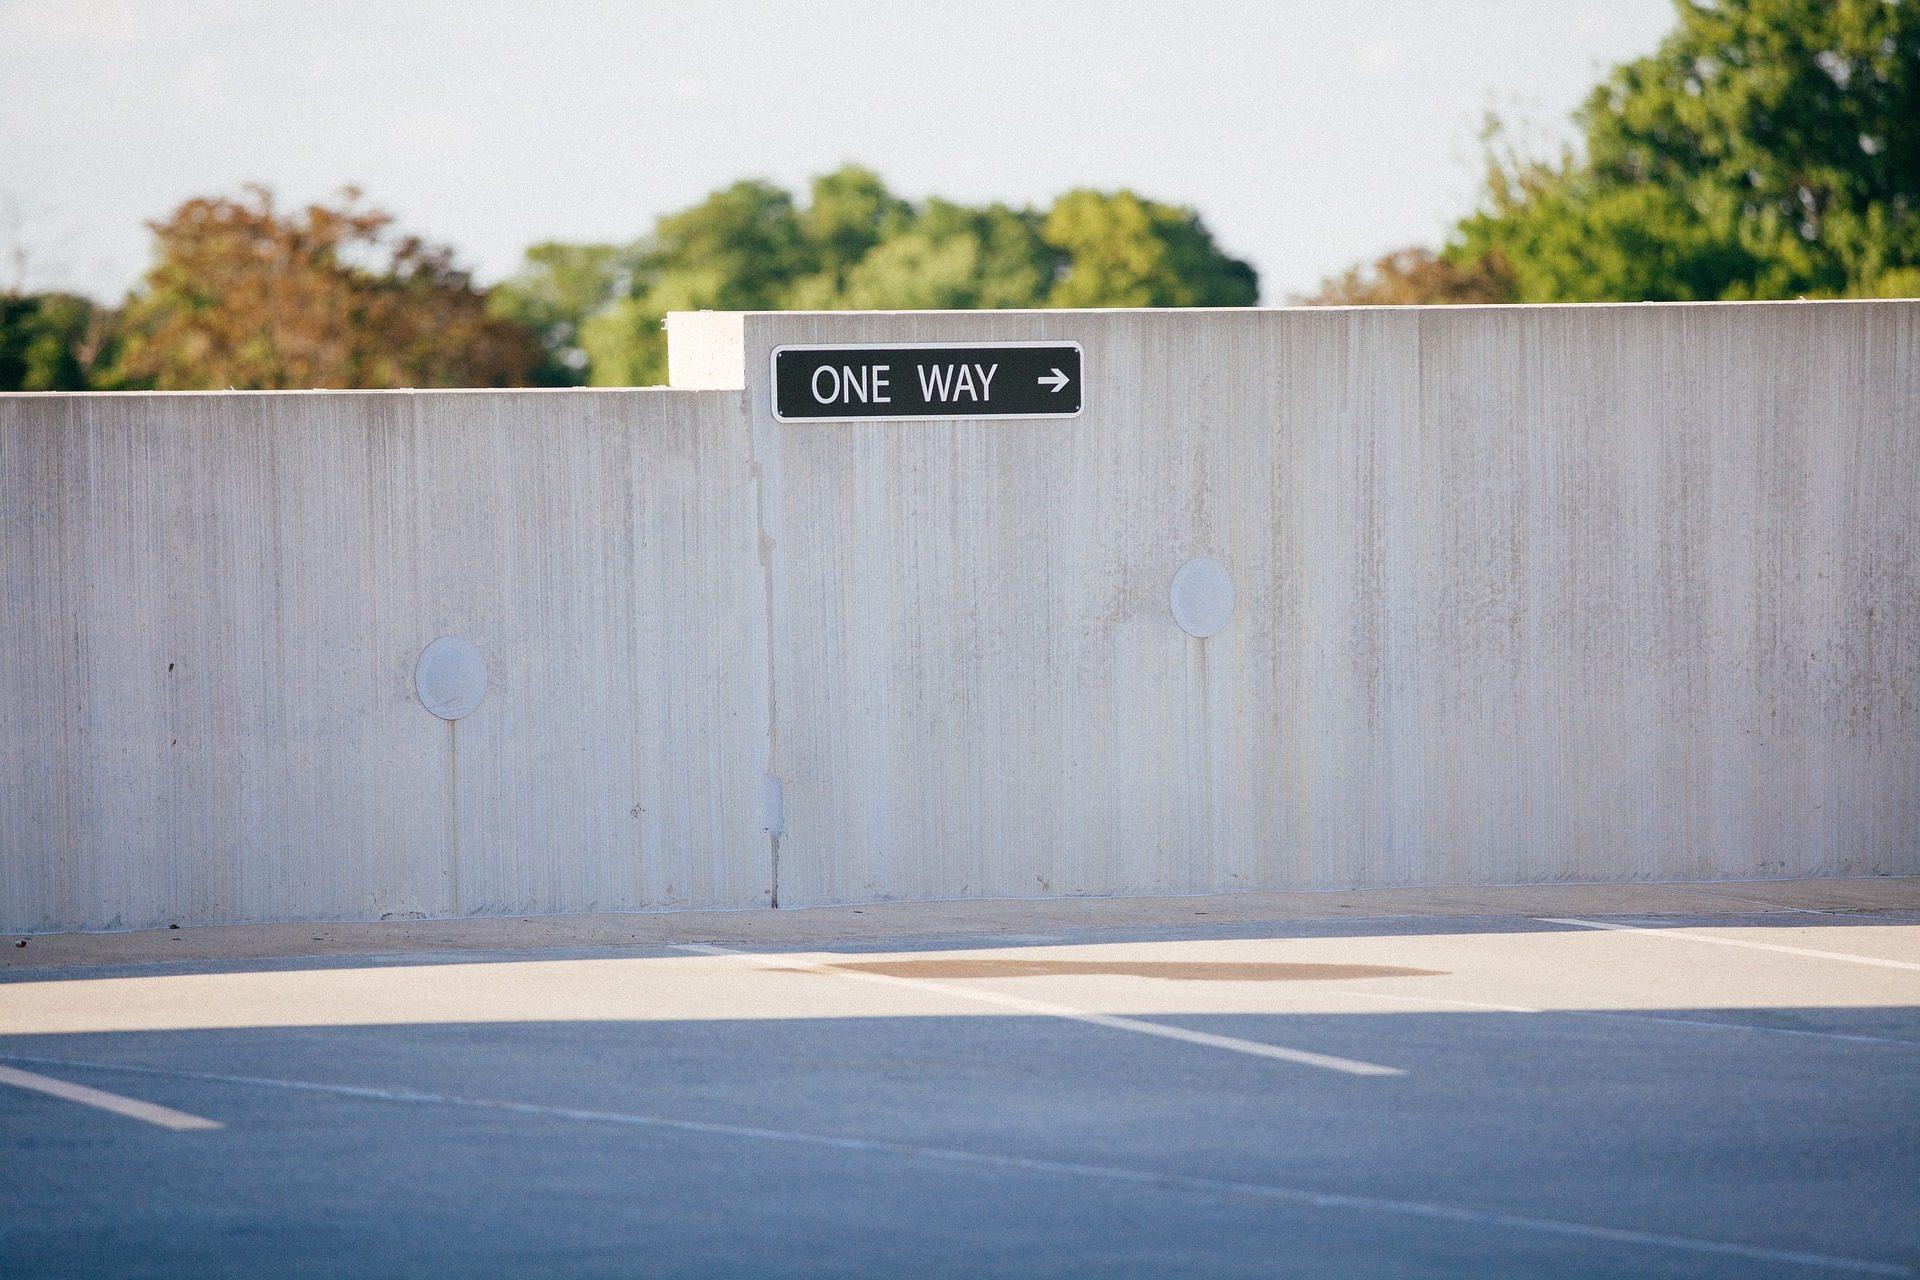 街道, muro, 墙上, 海报, 横向, 提高妇女地位总署 - 高清壁纸 - 教授-falken.com